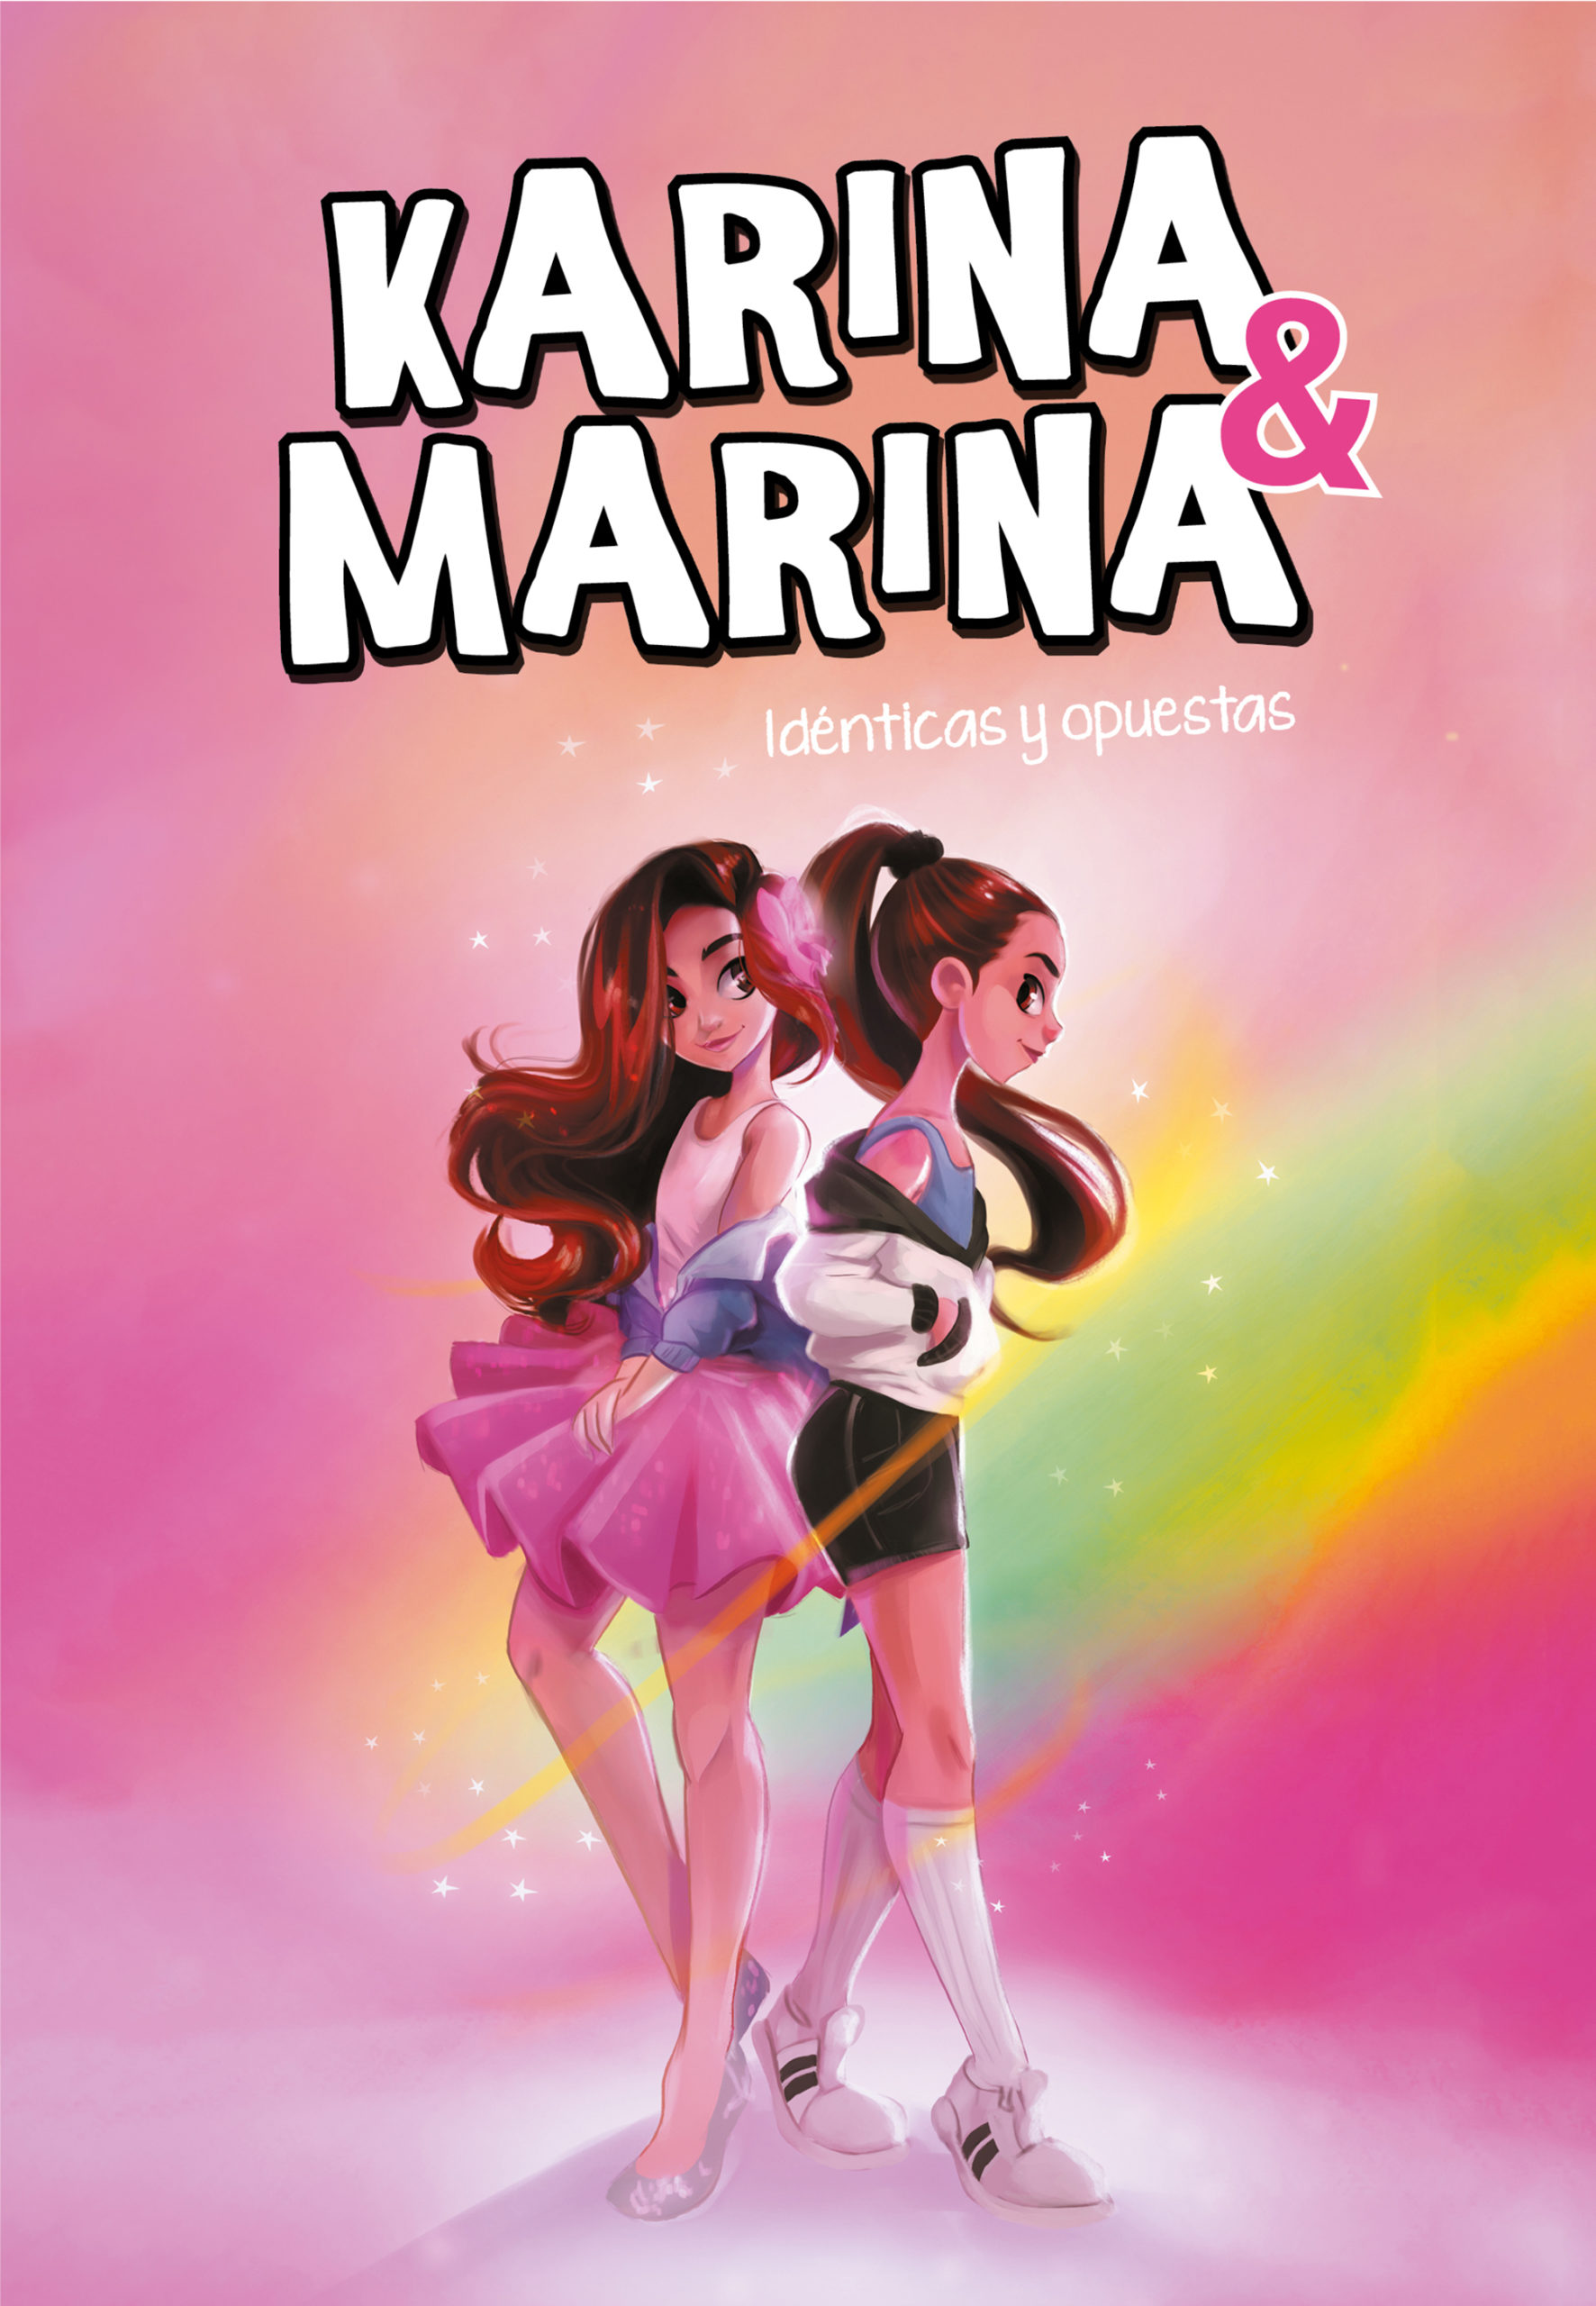 KARINA & MARINA 1. IDENTICAS Y OPUESTAS